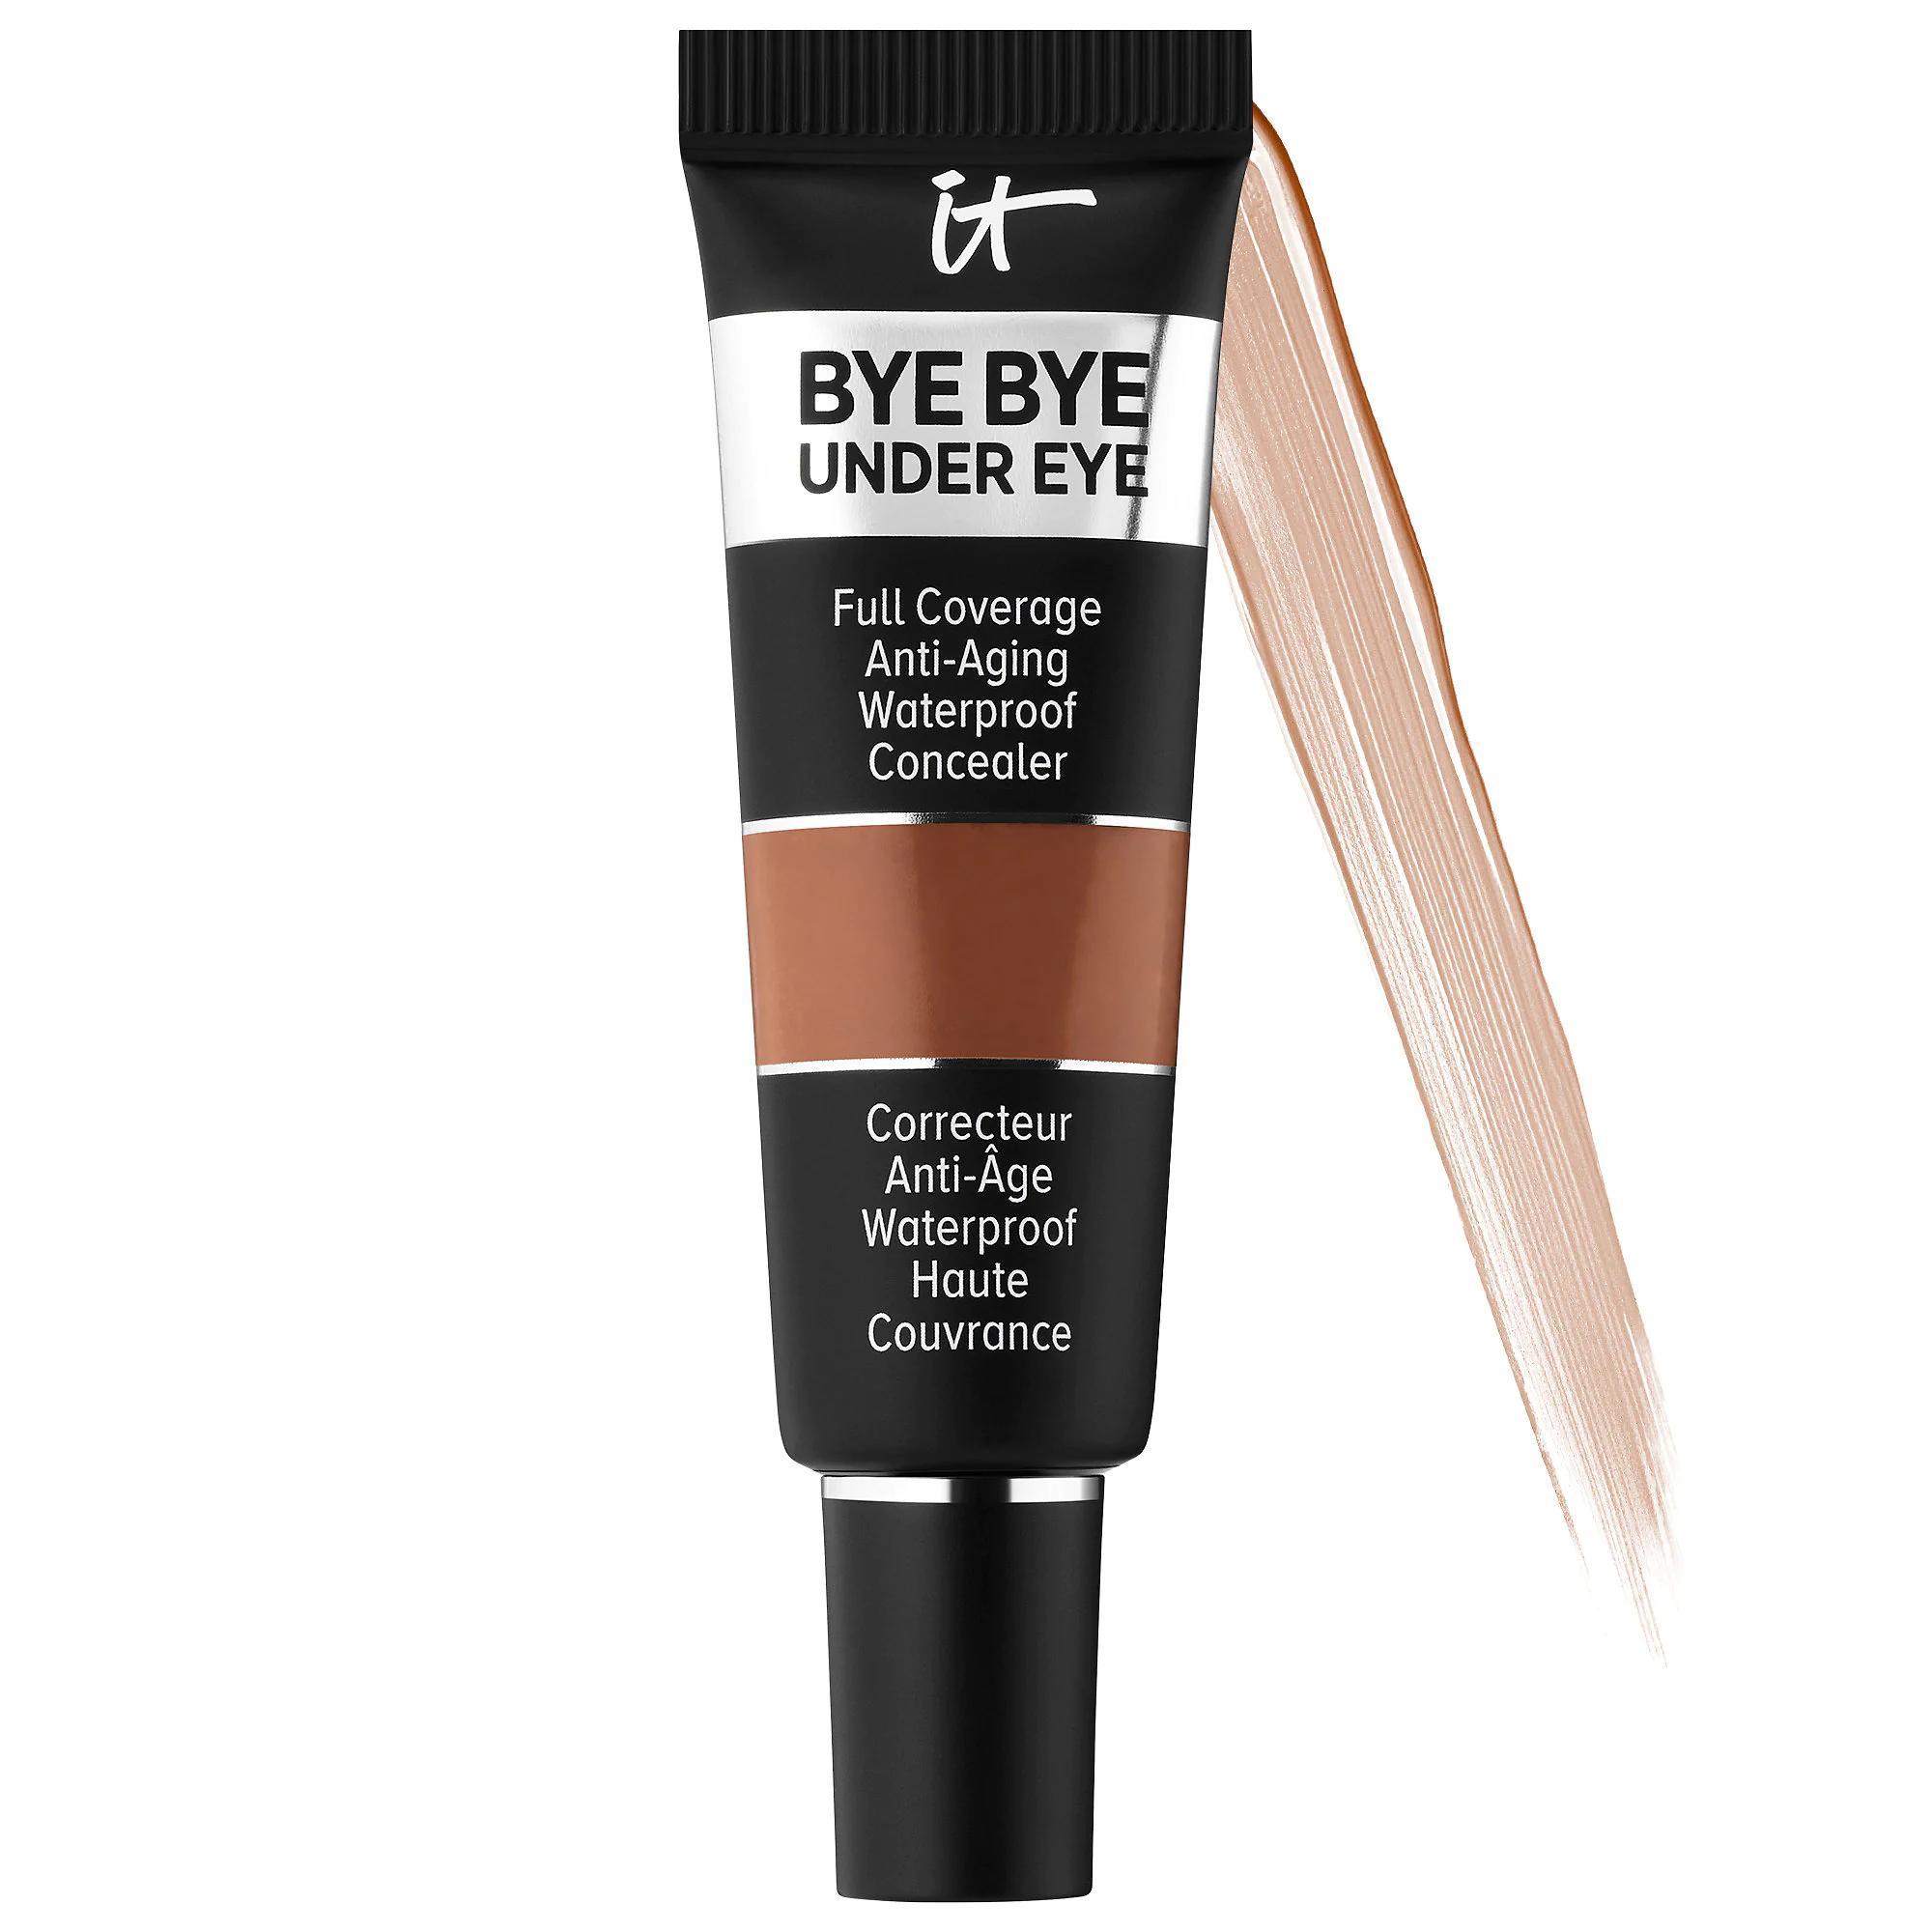 IT Cosmetics Bye Bye Under Eye Full Coverage Concealer Deep Sienna 43.5